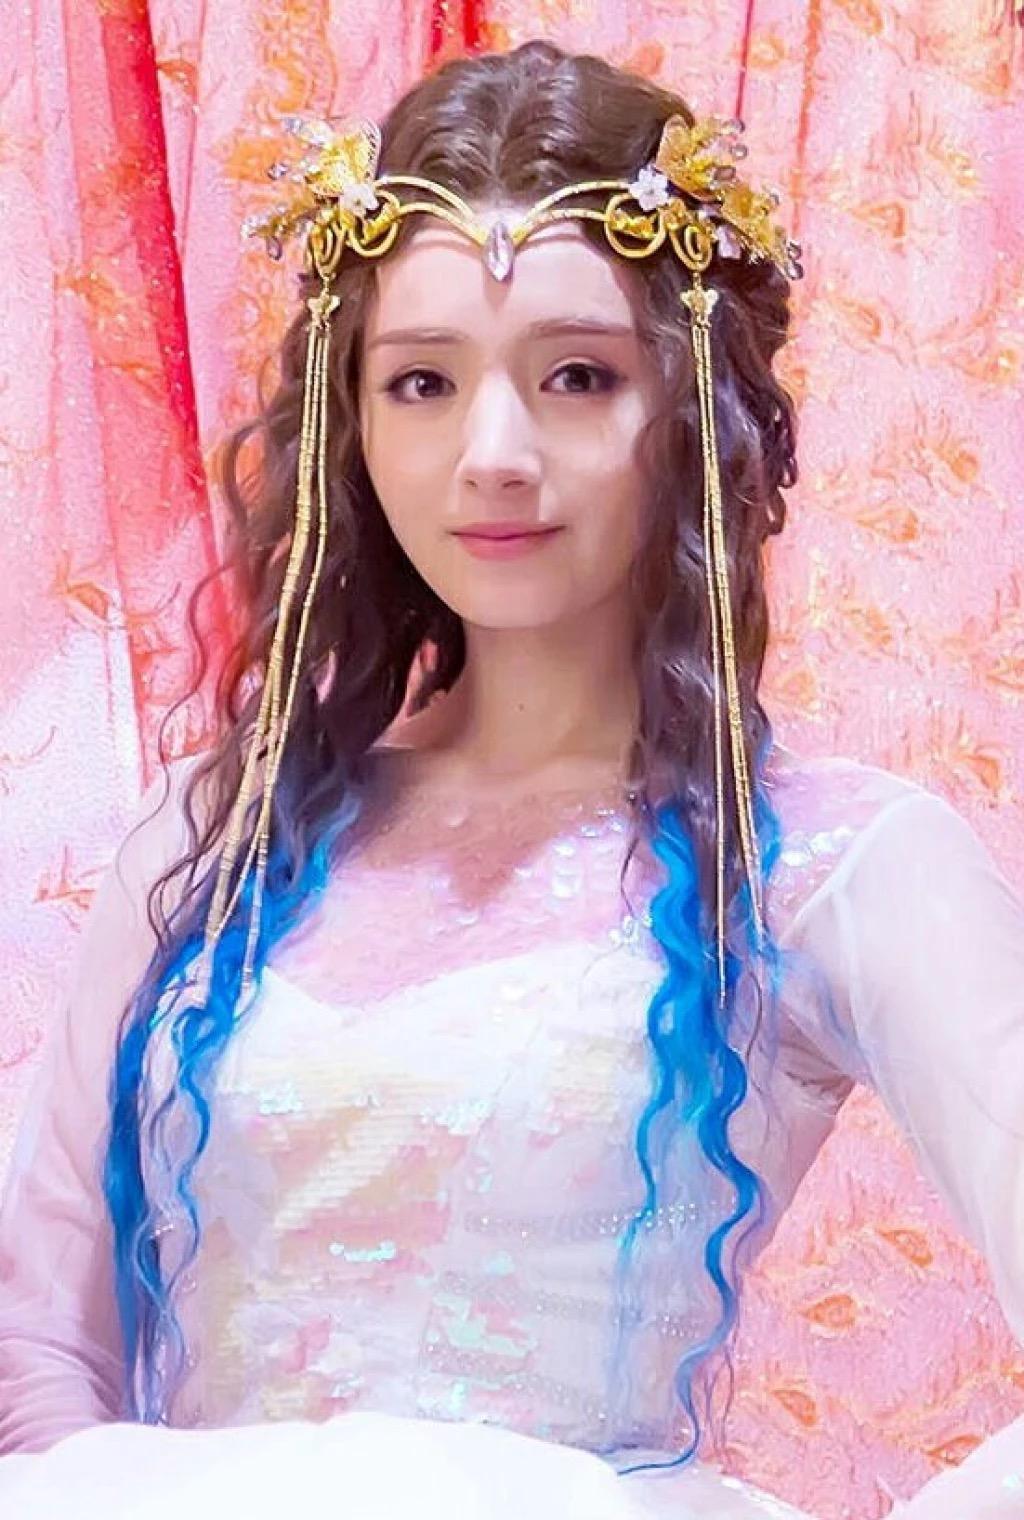 新疆女星之中麦迪娜颜值也高,可偏偏就是在娱乐圈发展一般